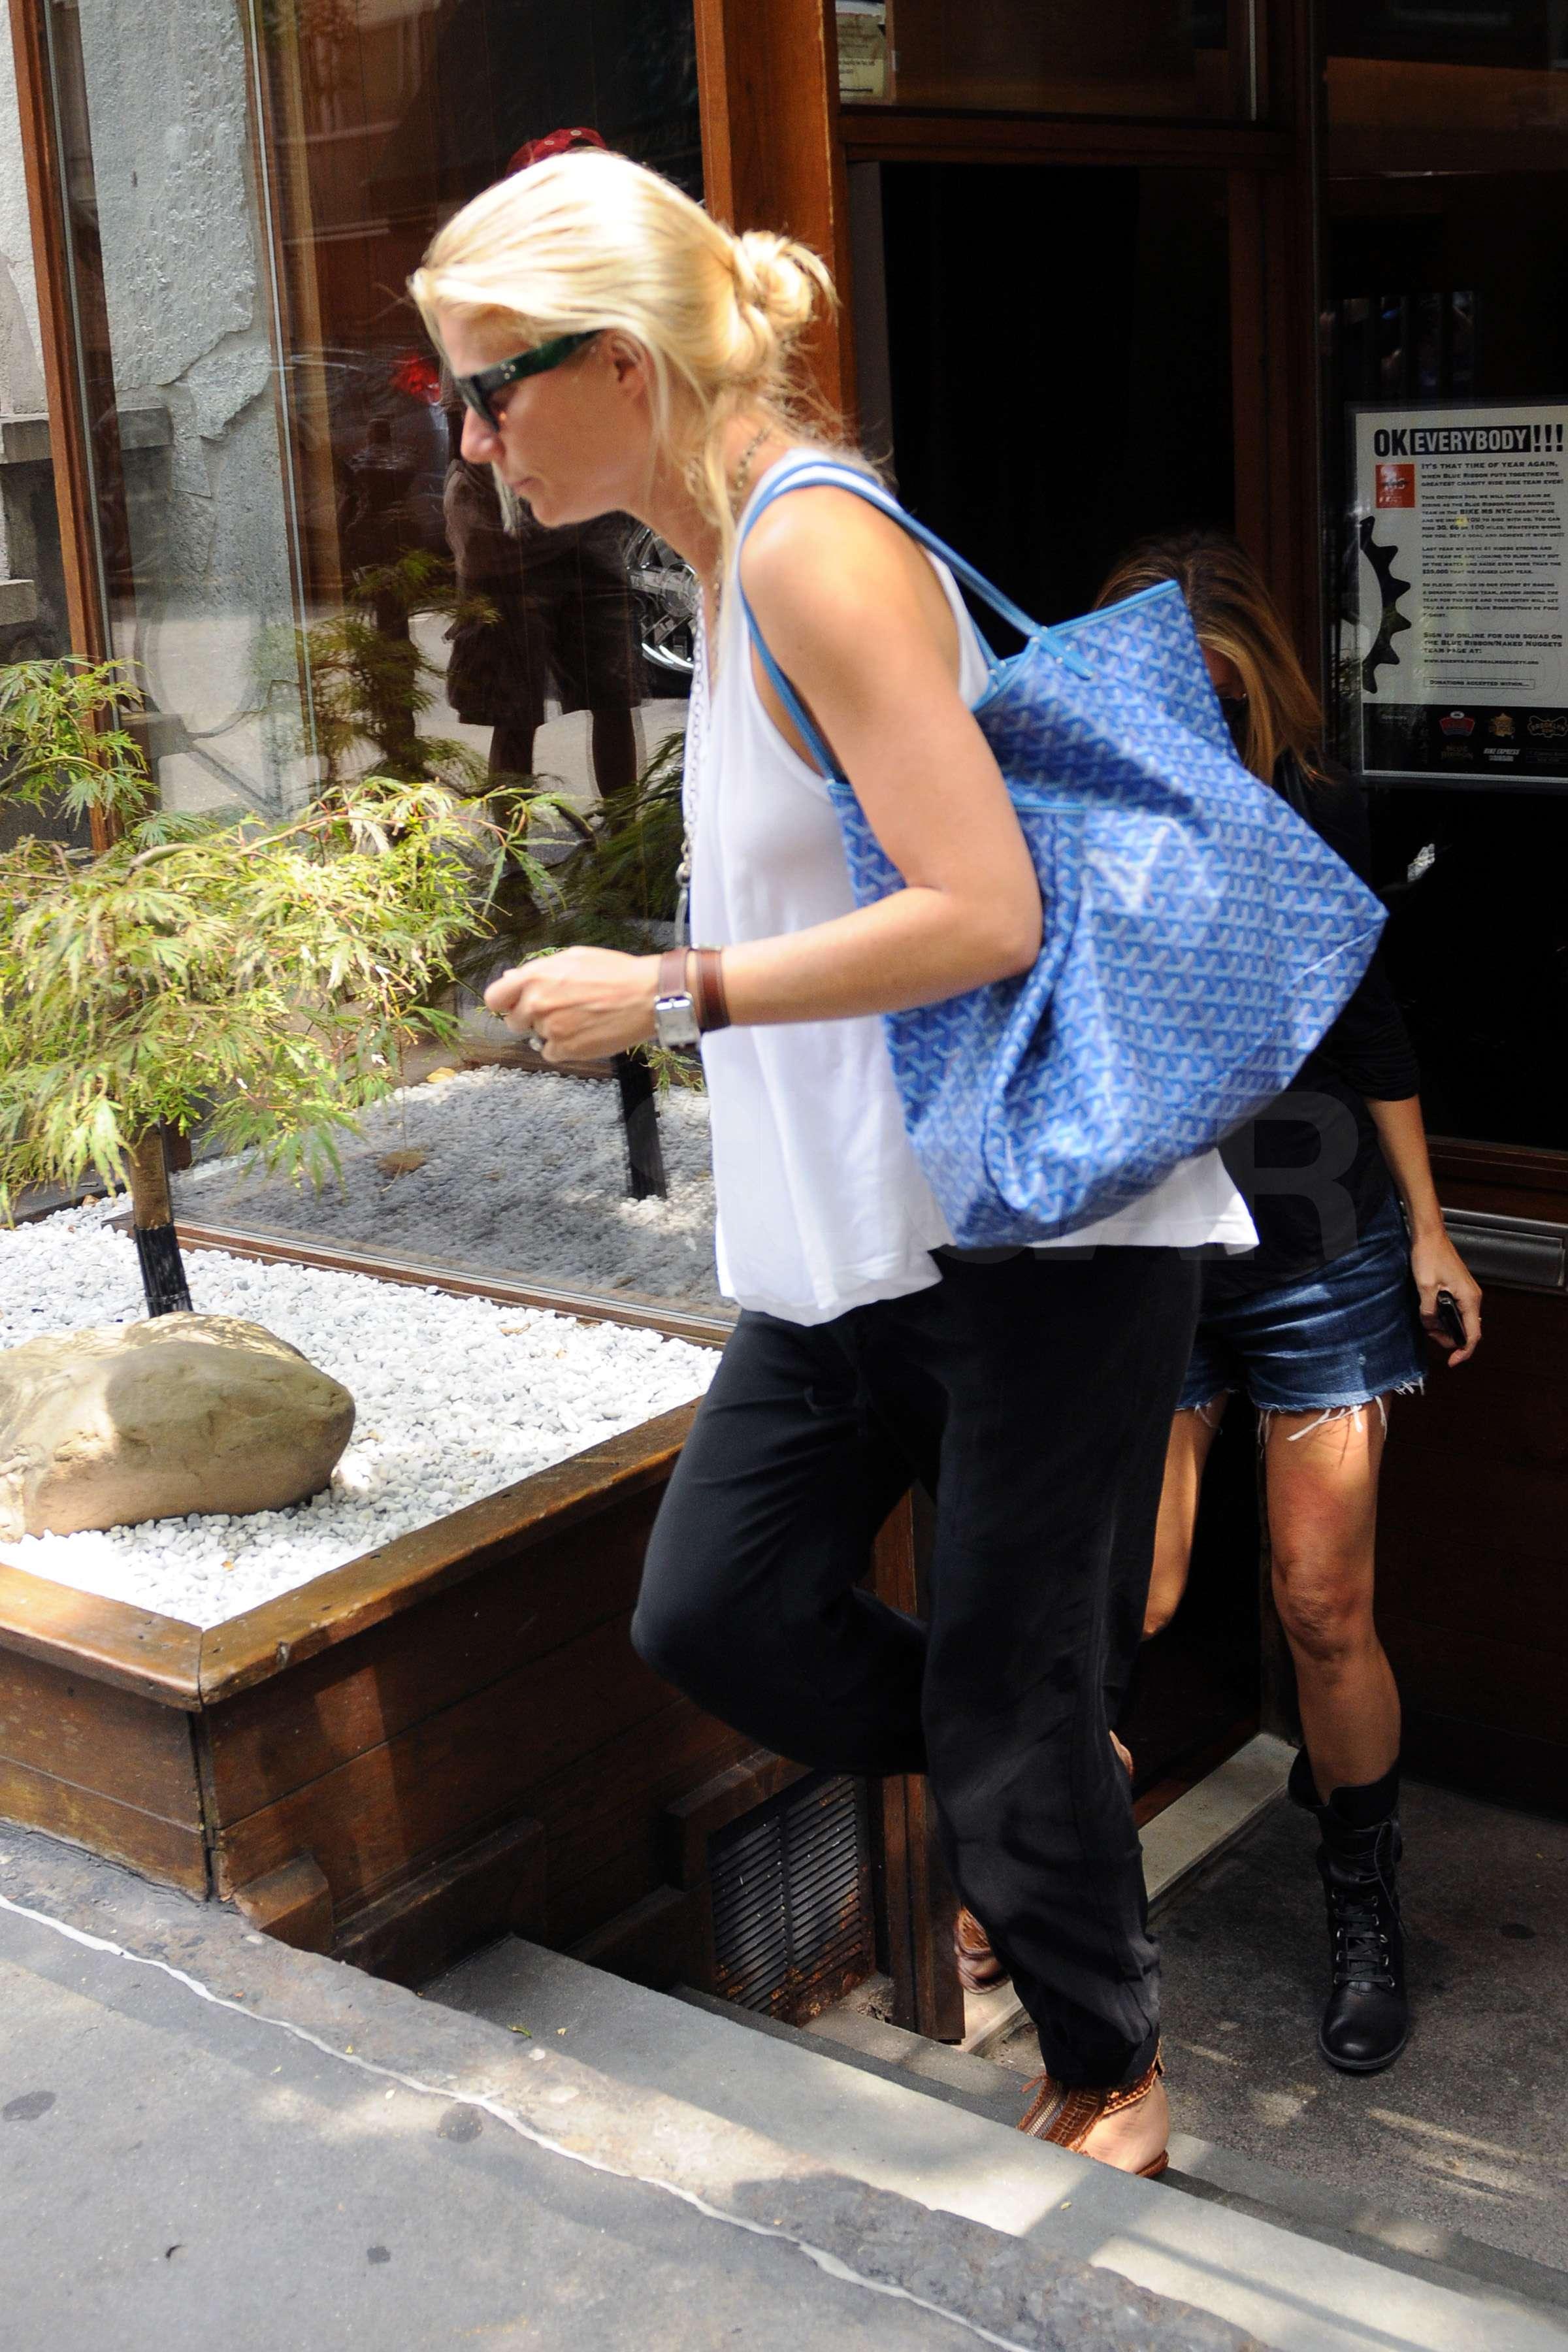 Celebrity goyard bag